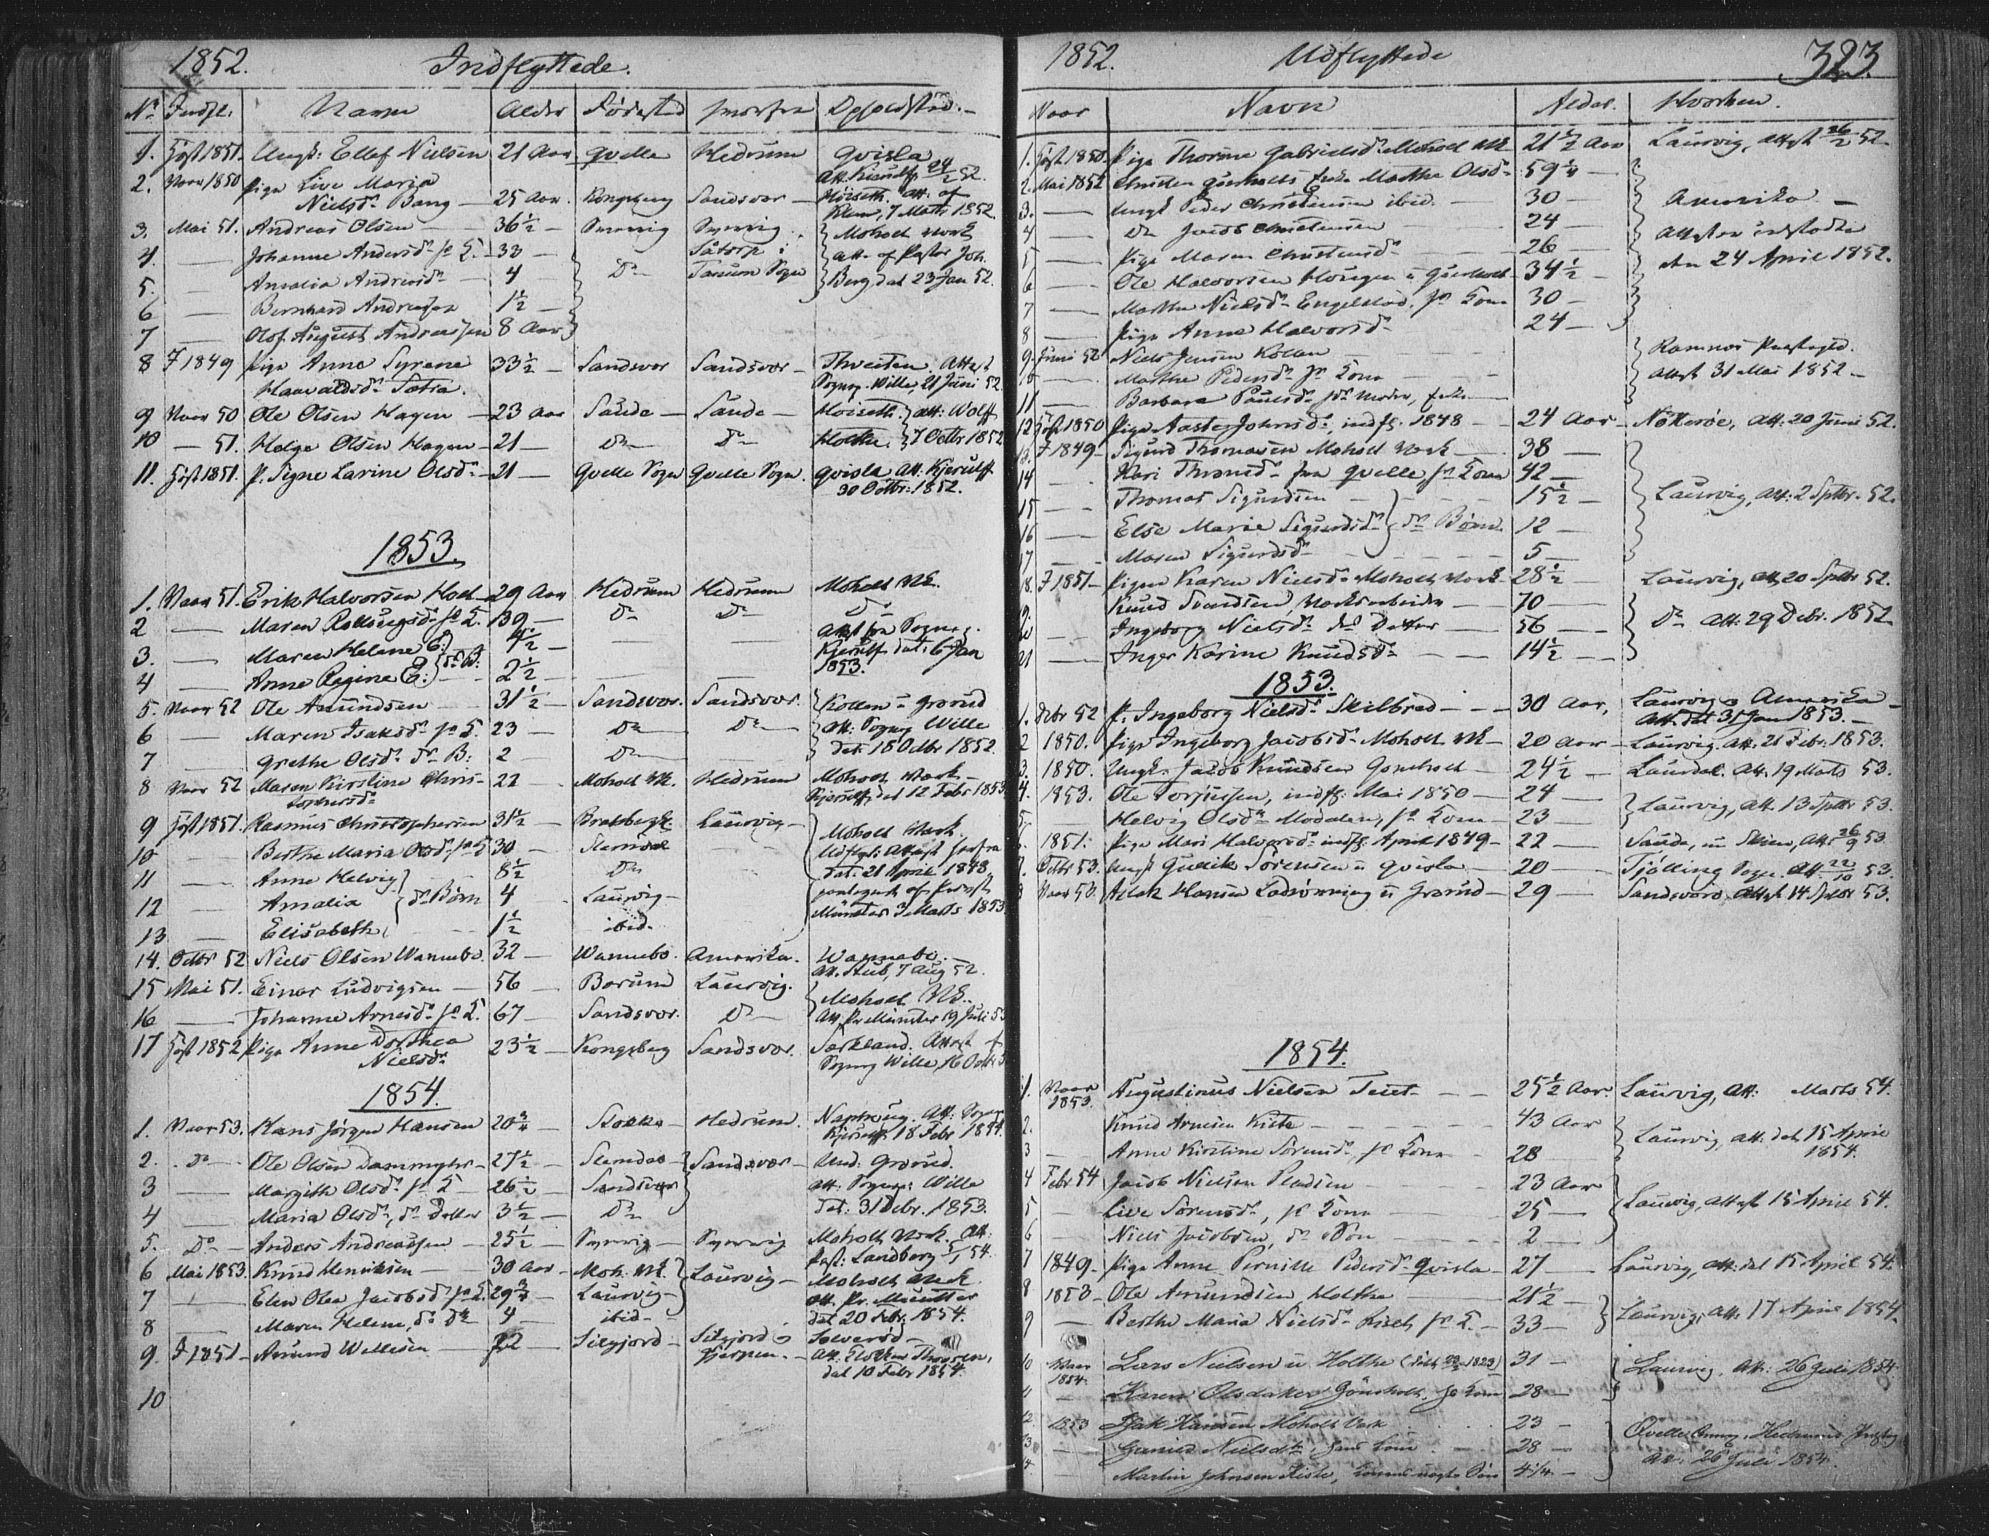 SAKO, Siljan kirkebøker, F/Fa/L0001: Ministerialbok nr. 1, 1831-1870, s. 323